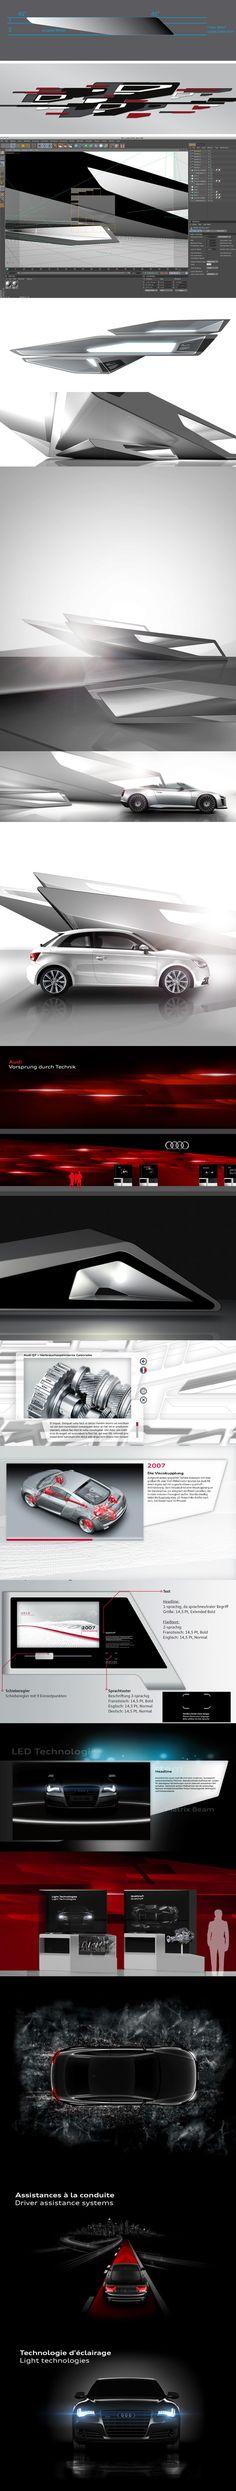 Audi Paris Motorshow Stand 2010 by Malte Schweers, via Behance